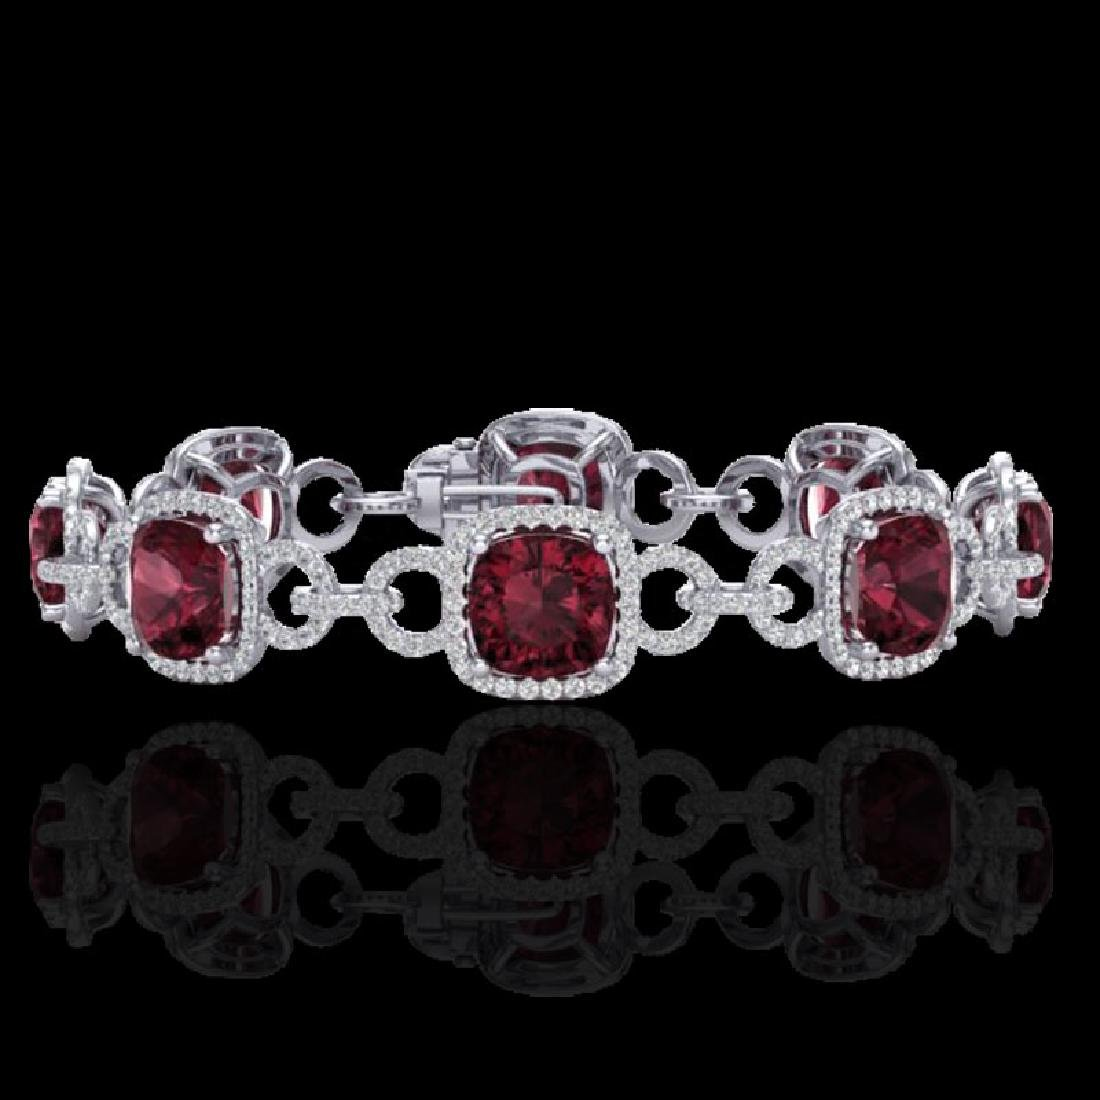 30 CTW Garnet & Micro VS/SI Diamond Bracelet 14K White